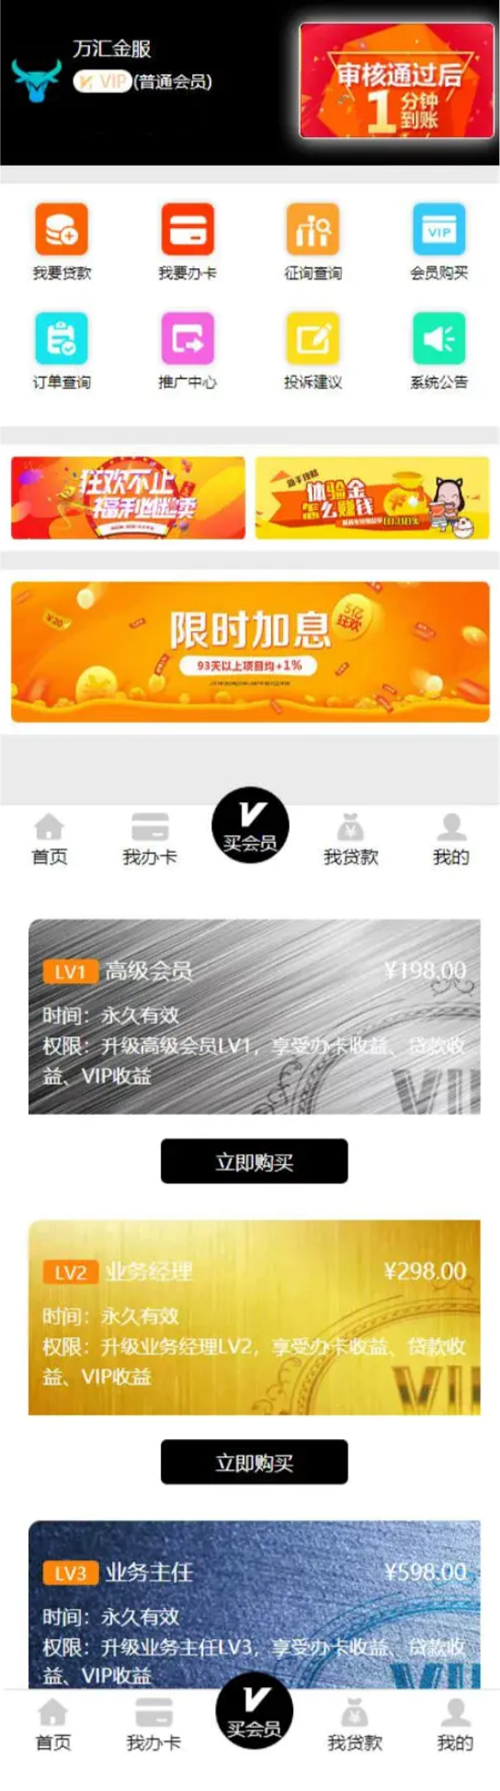 【贷款源码】11月最新修复版万汇金服全新UI的贷款源码/完整数据库 独家发布-找主题源码